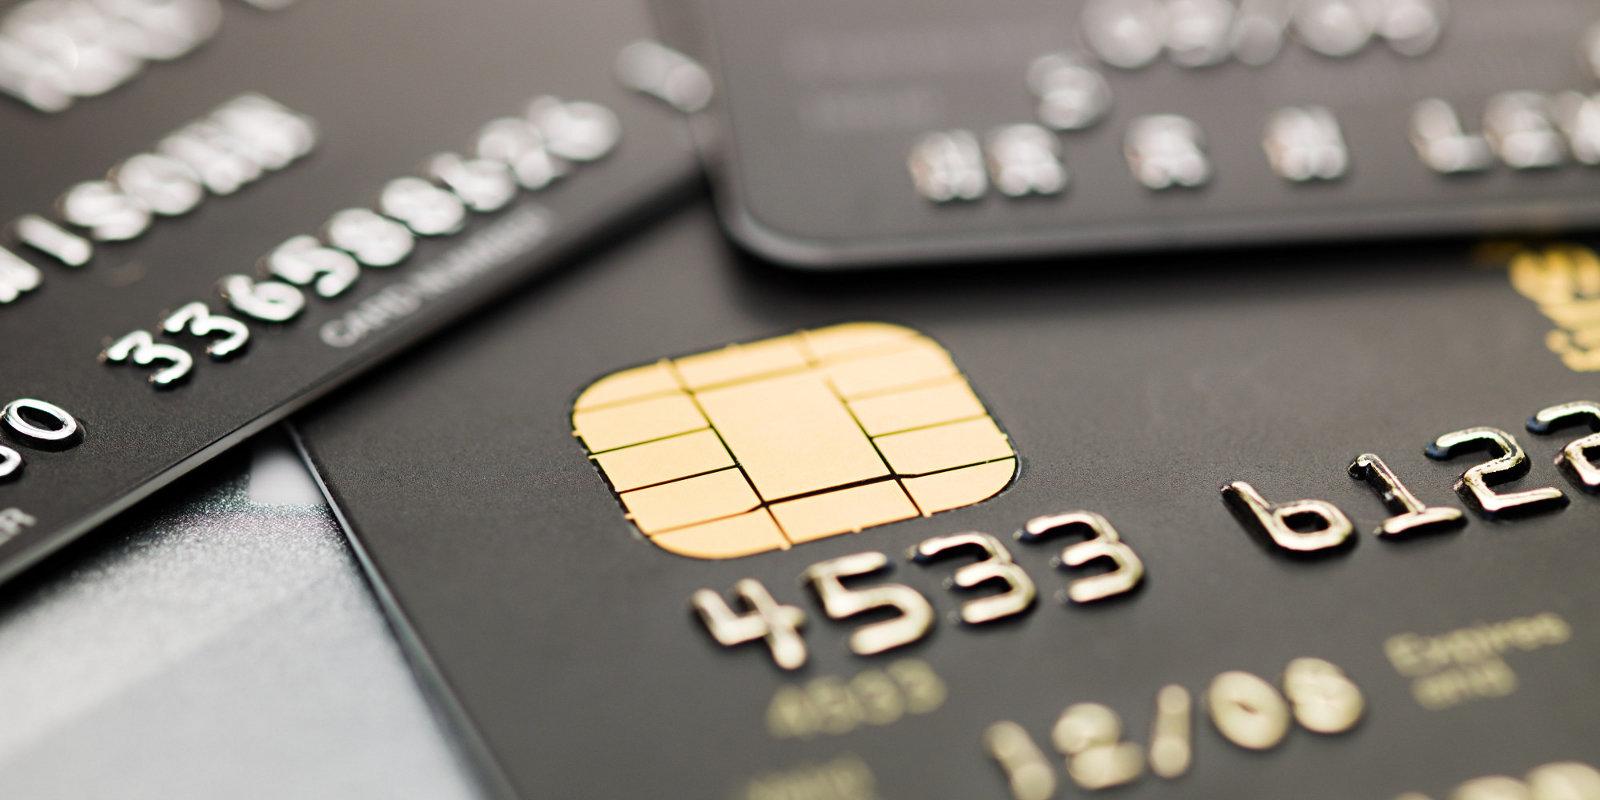 Kan man få et kredittkort på dagen?